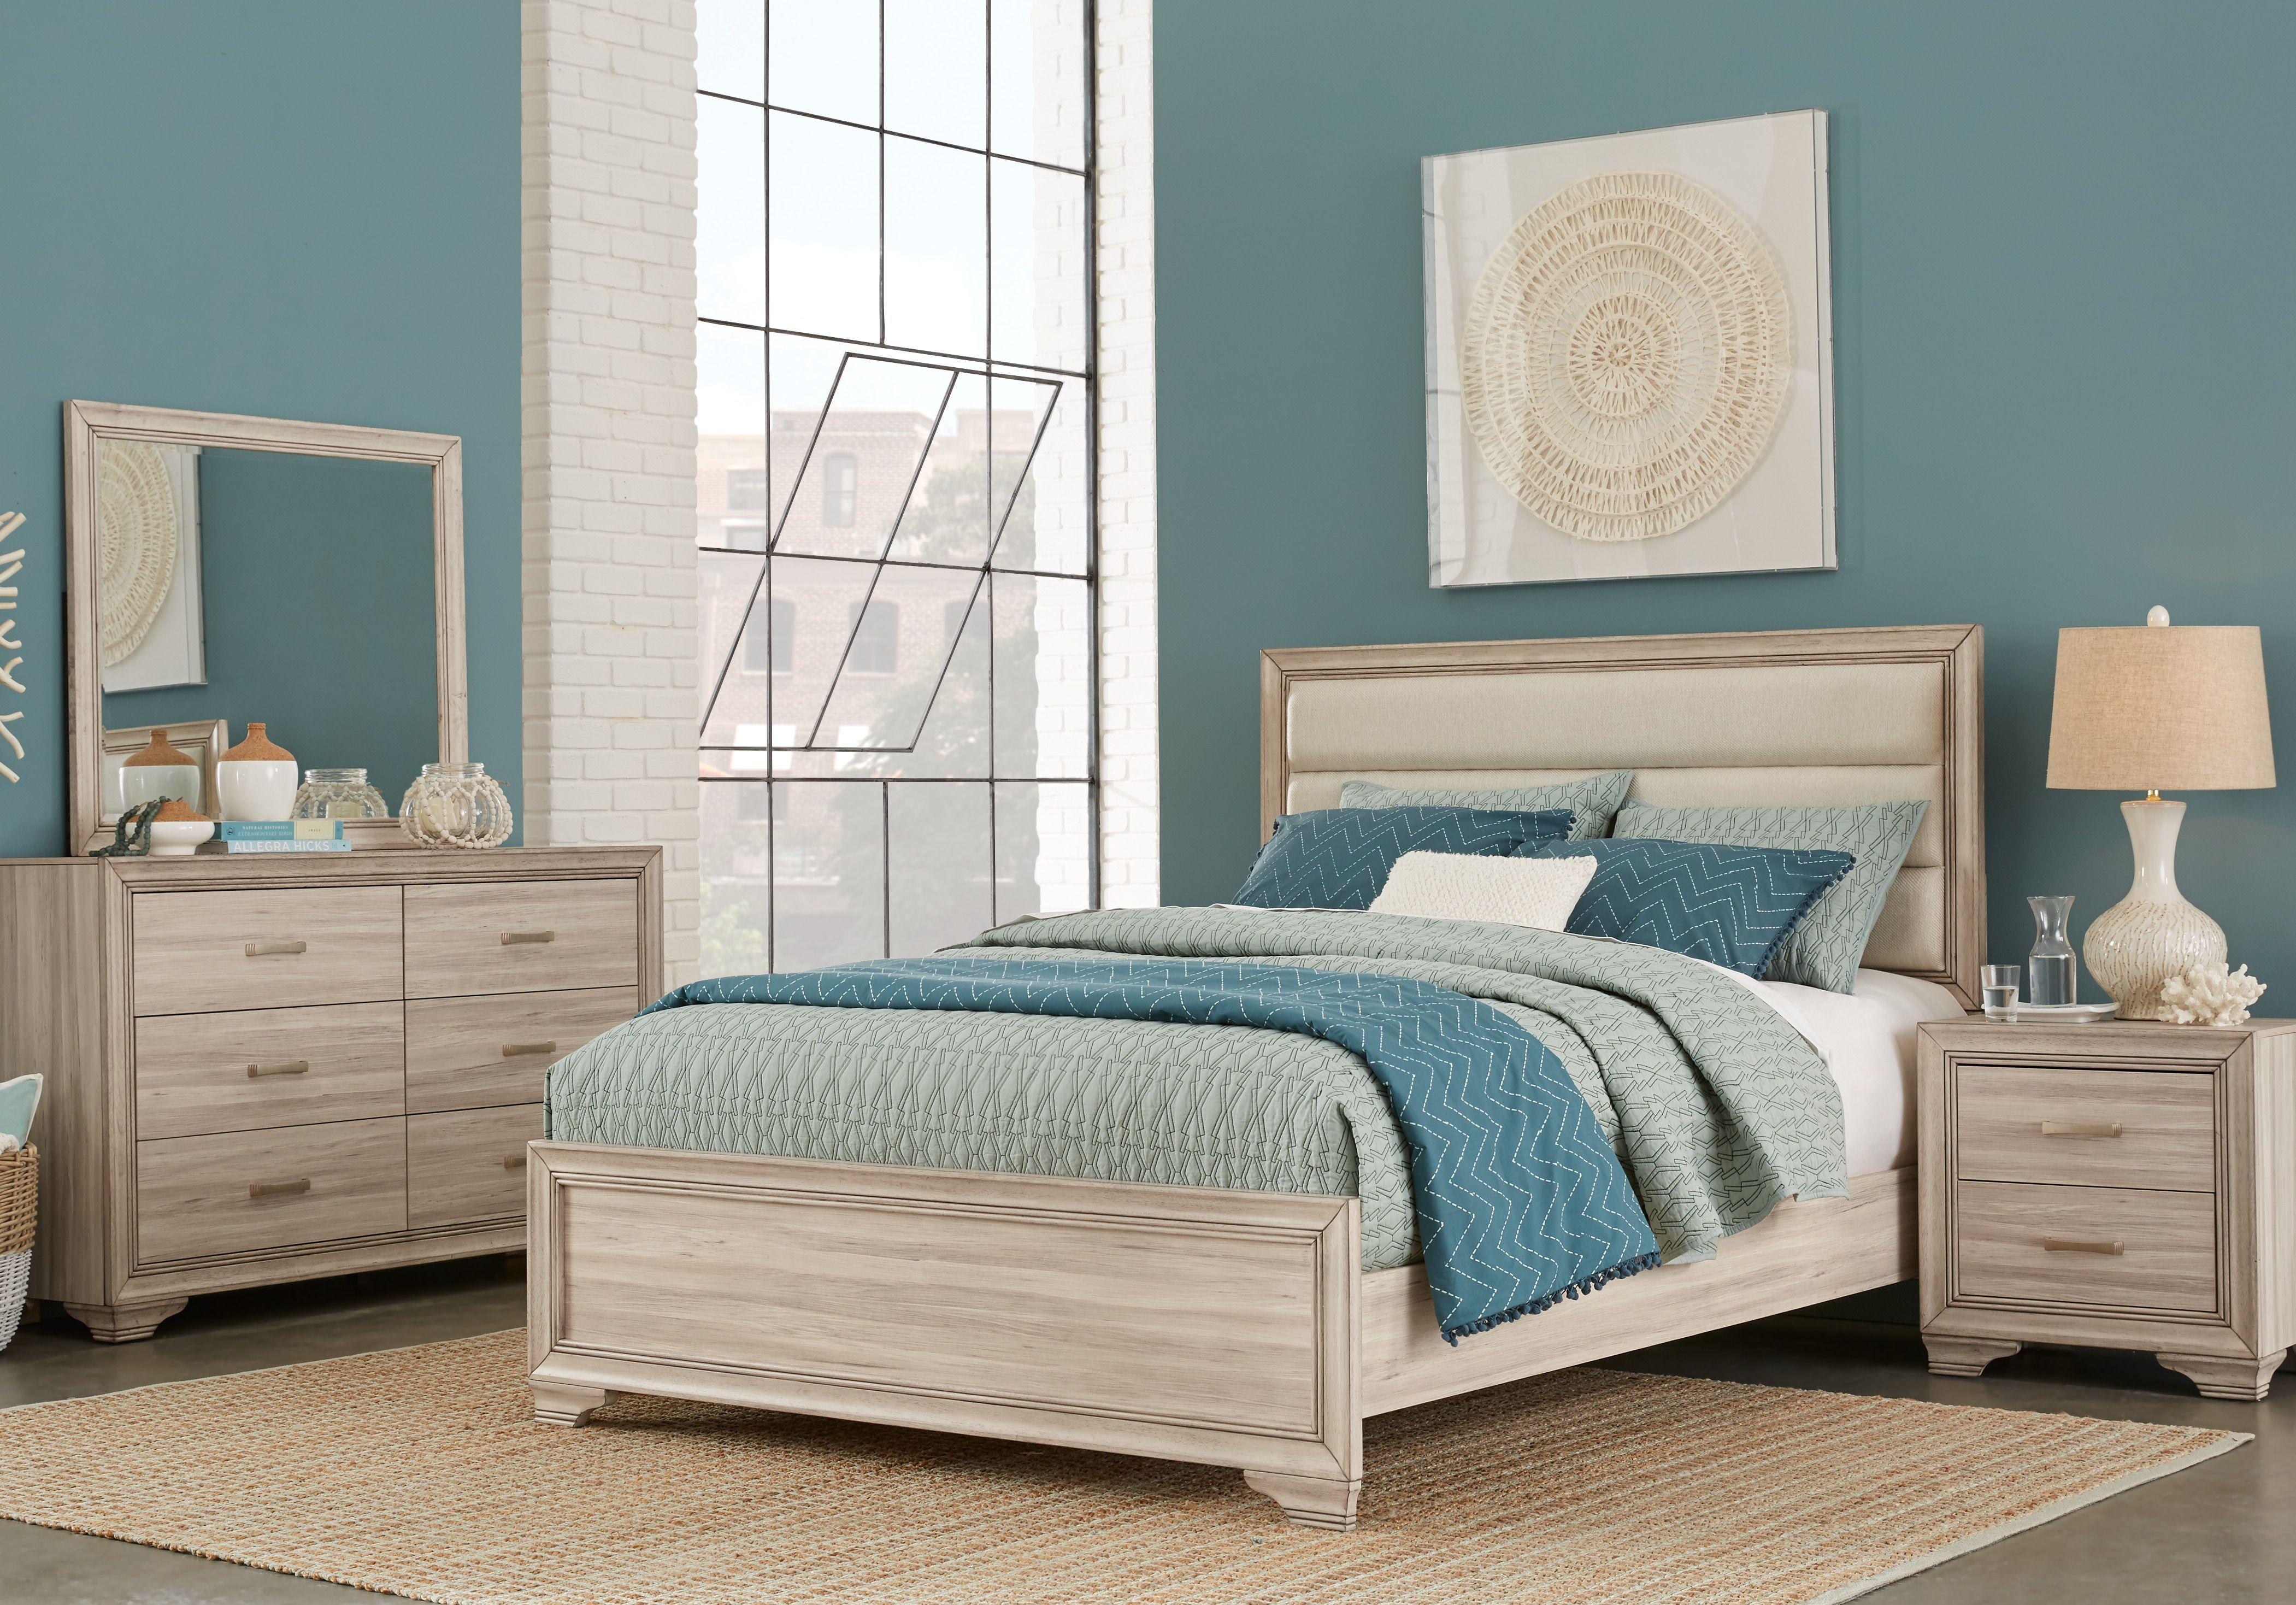 Marlow Natural 7 Pc Queen Panel Bedroom ...